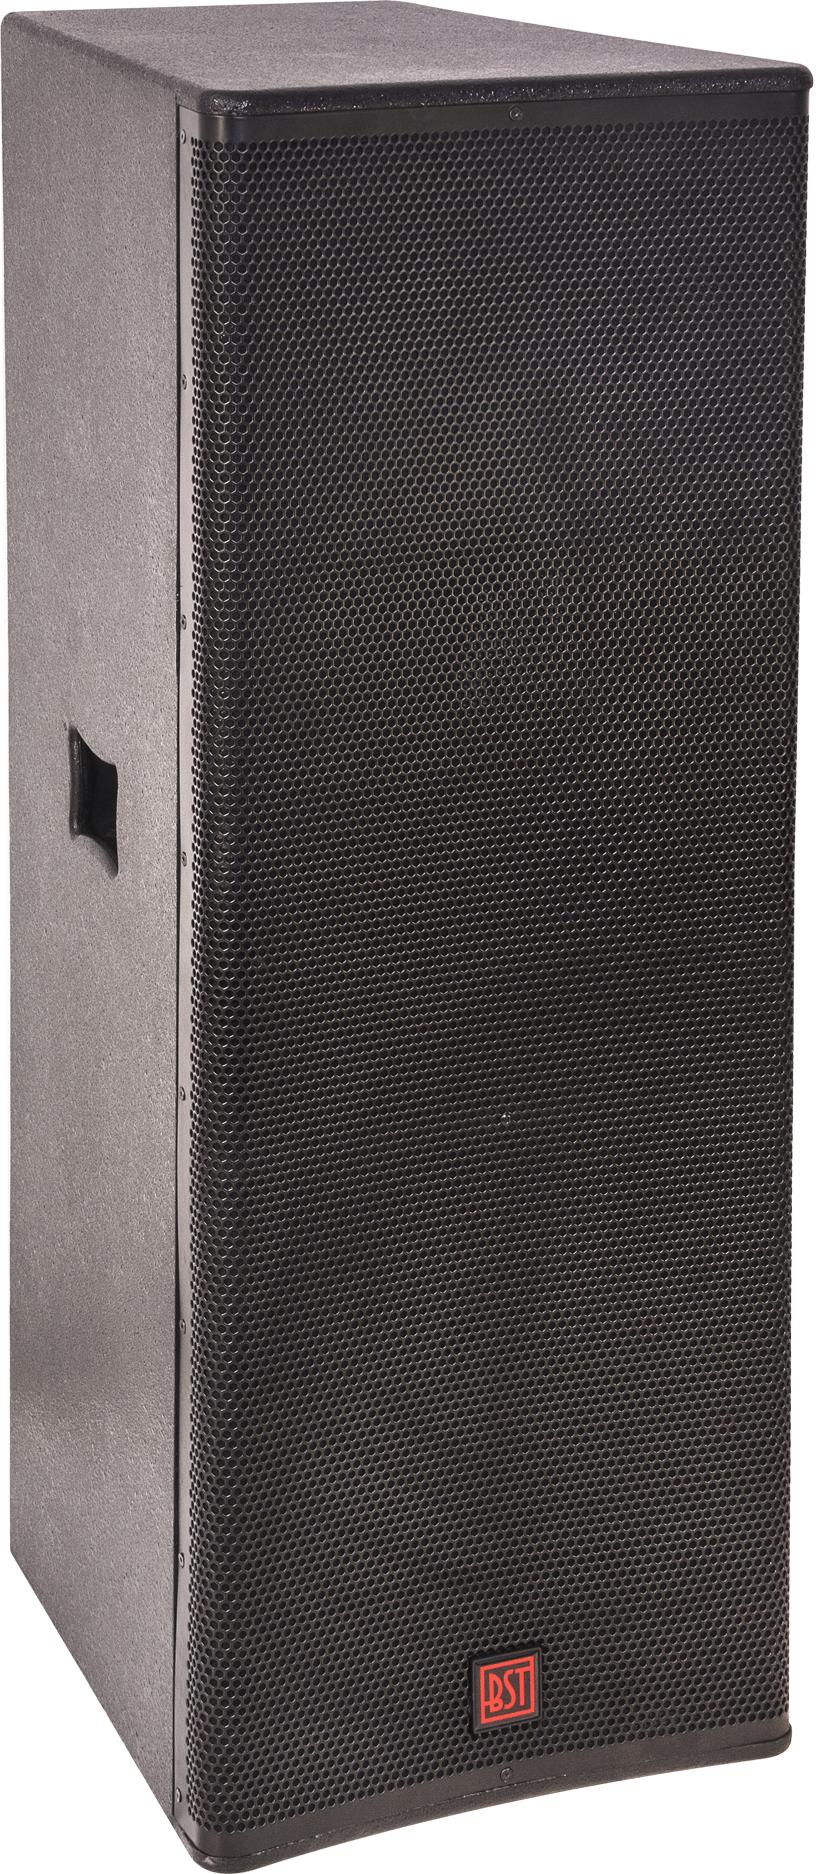 Image of   BST SA215 Aktiv højttaler 1200 Watt